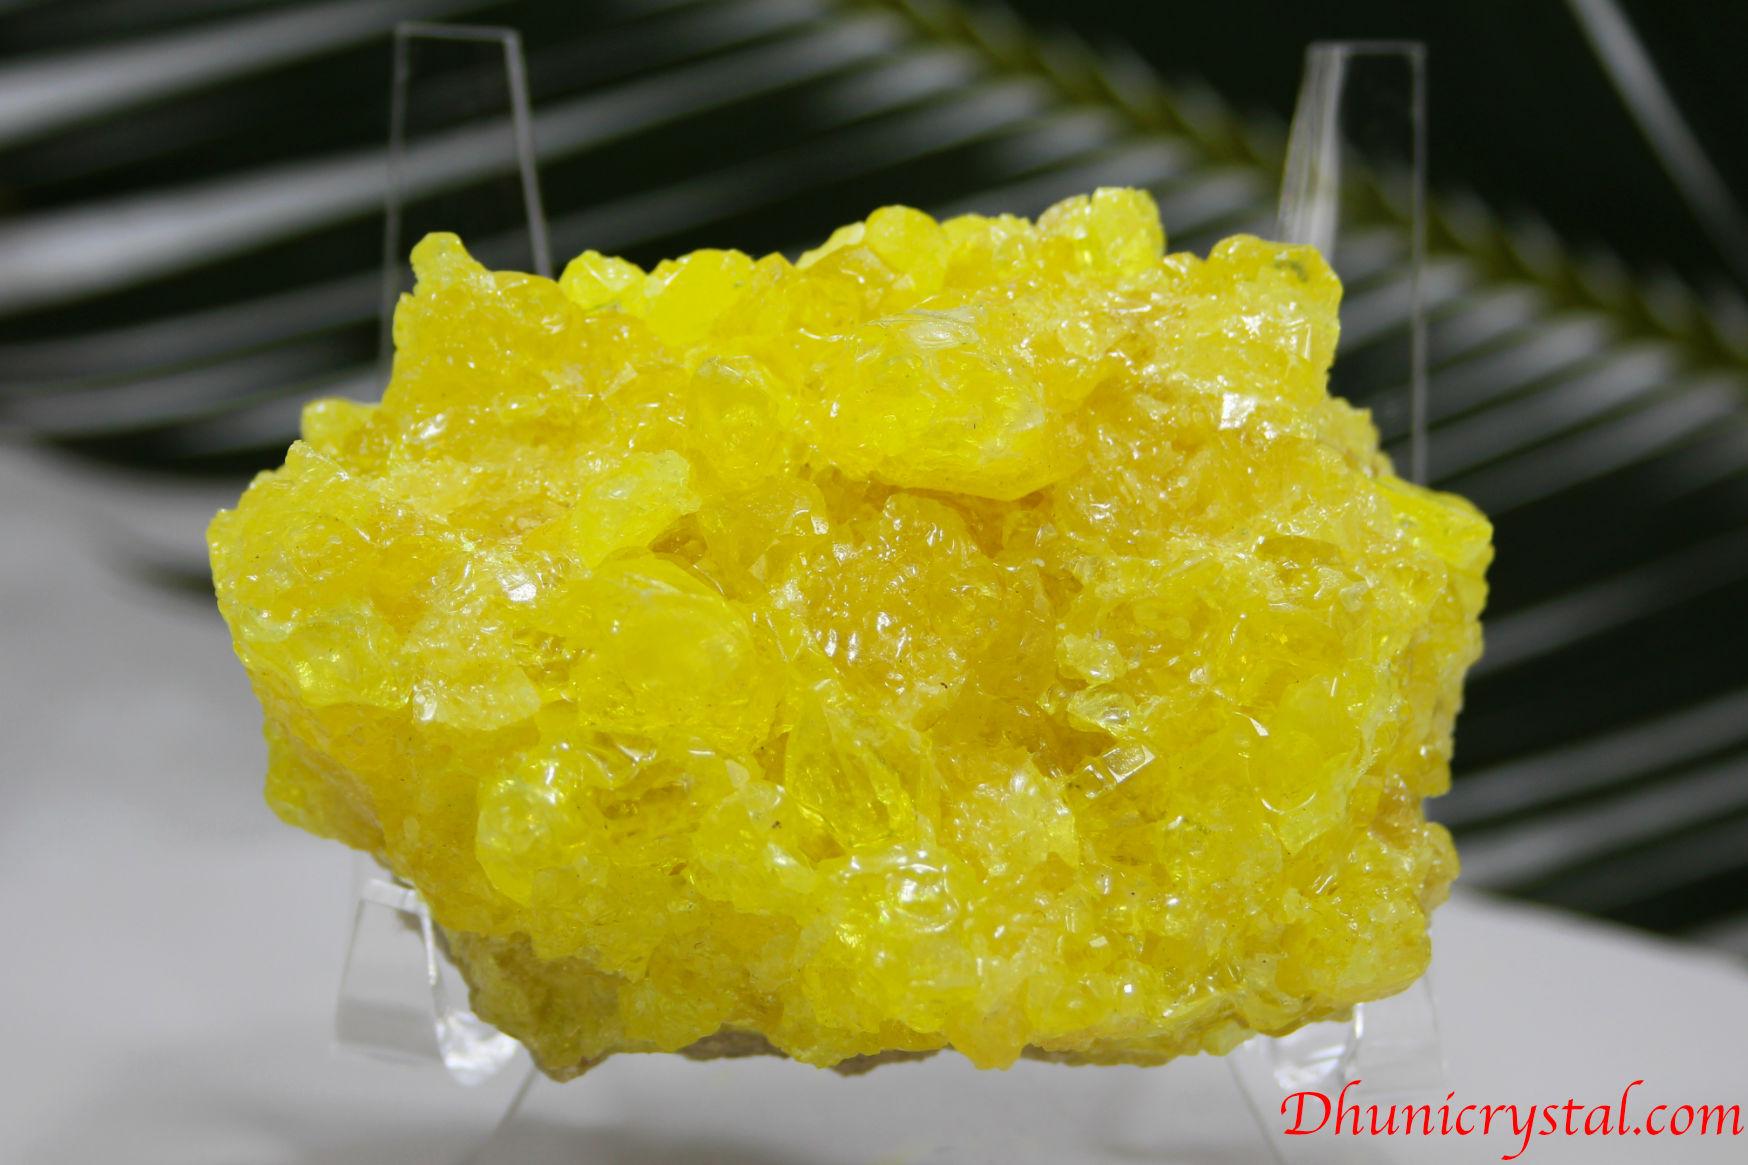 サルファー/硫黄の結晶(J72)